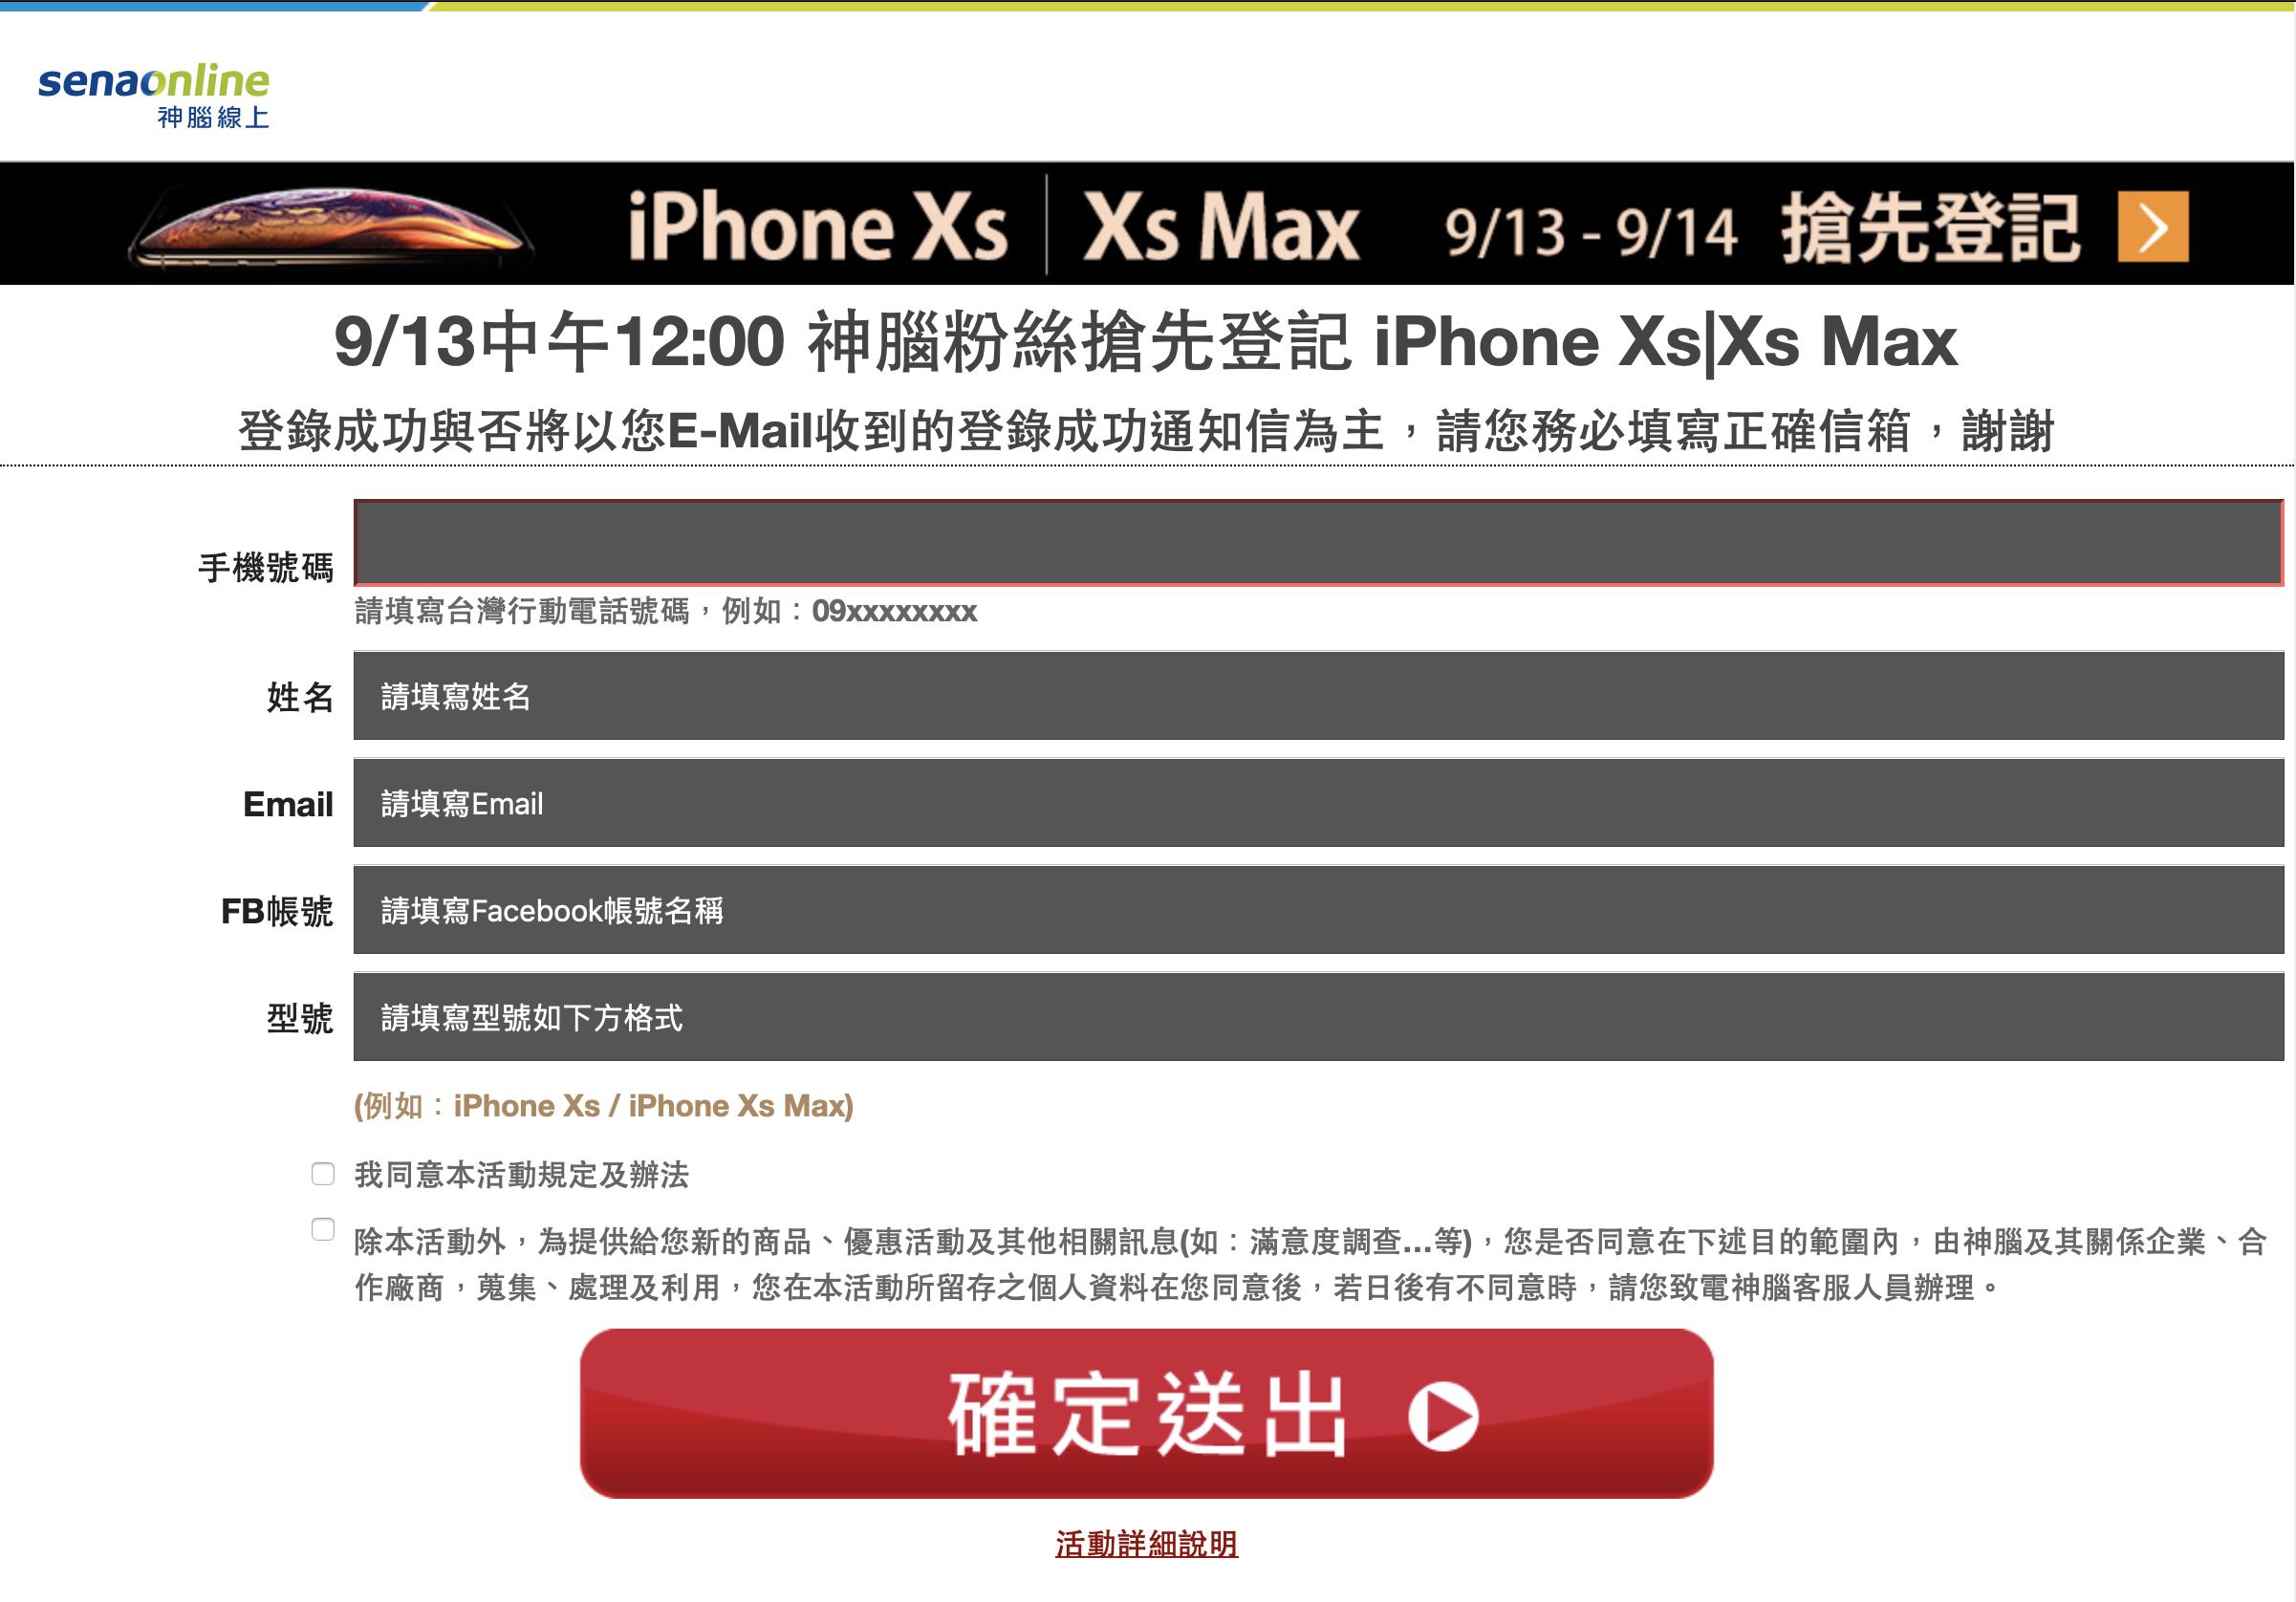 iPhone XS 預購、中華電信